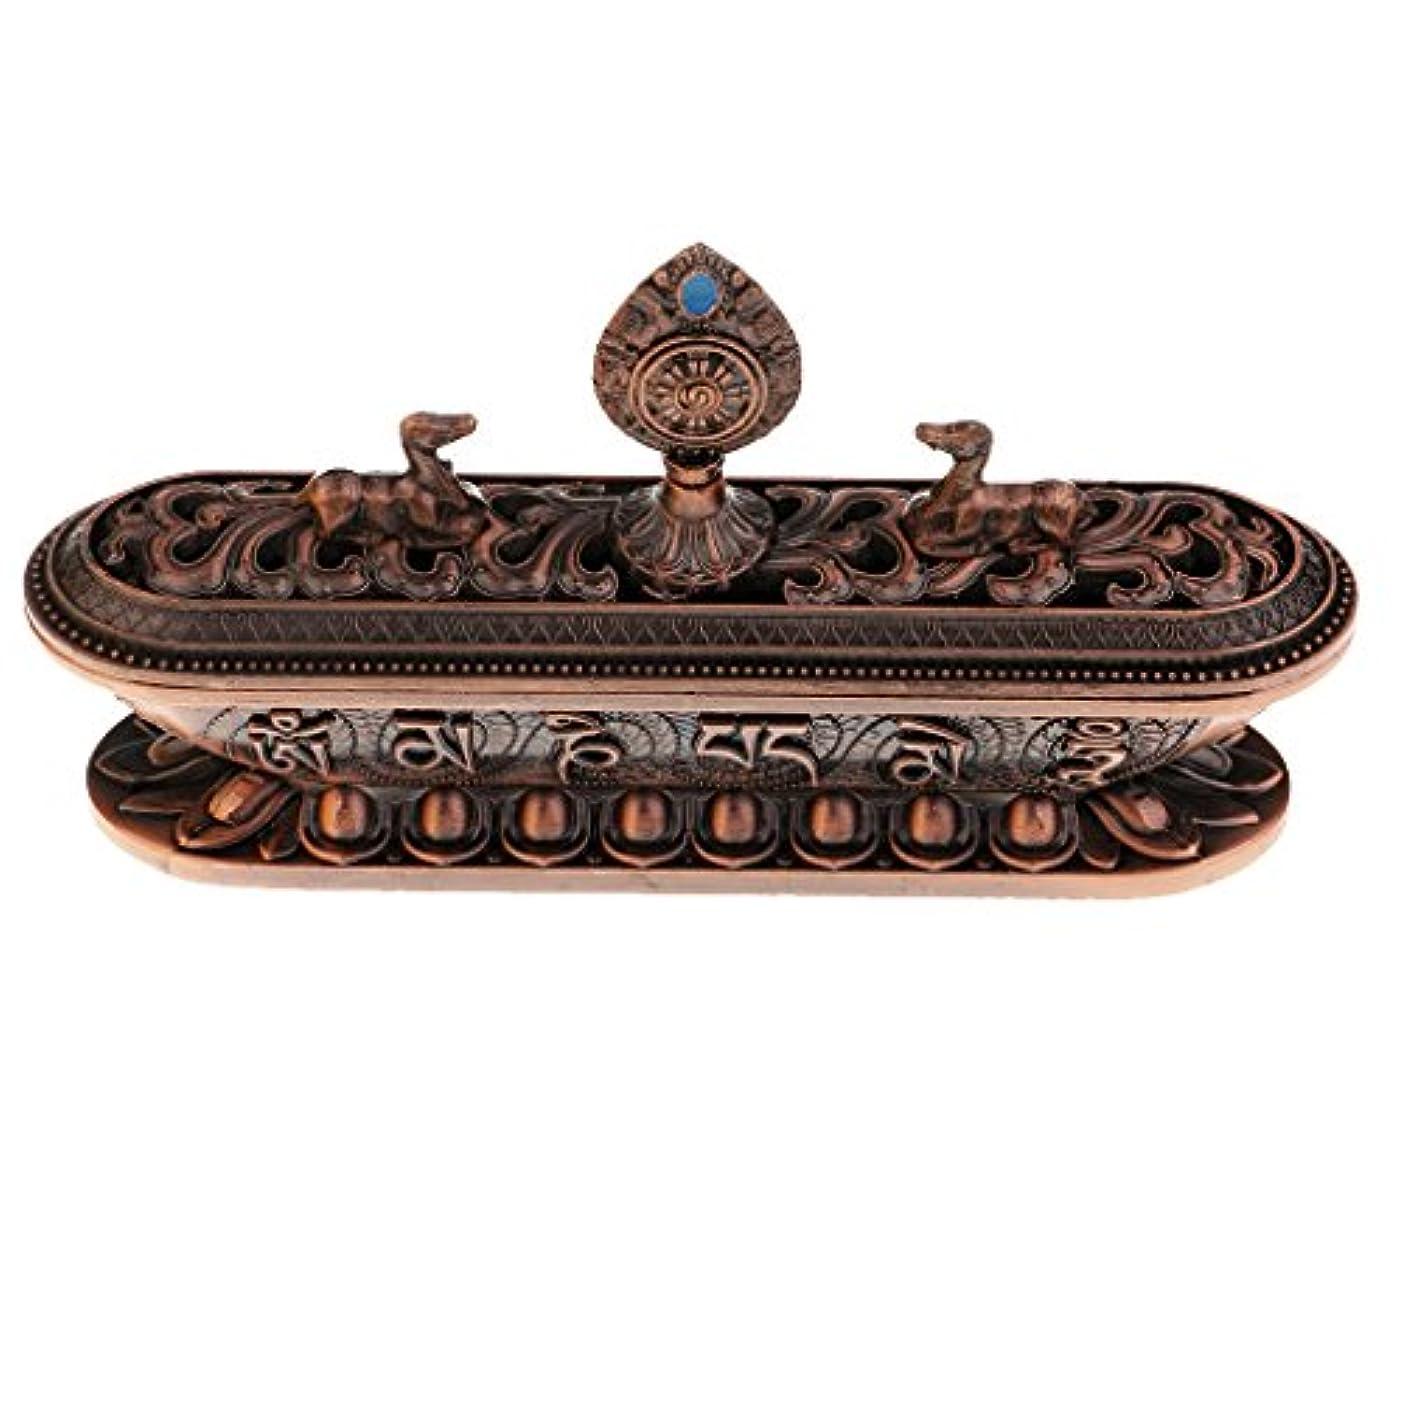 誰でもケニアはがきFenteer 仏教香炉バーナー 合金 テーブル ホーム インテリア 仏教用品 ホルダー 香炉 バーナー 合金 6タイプ選べる - #3